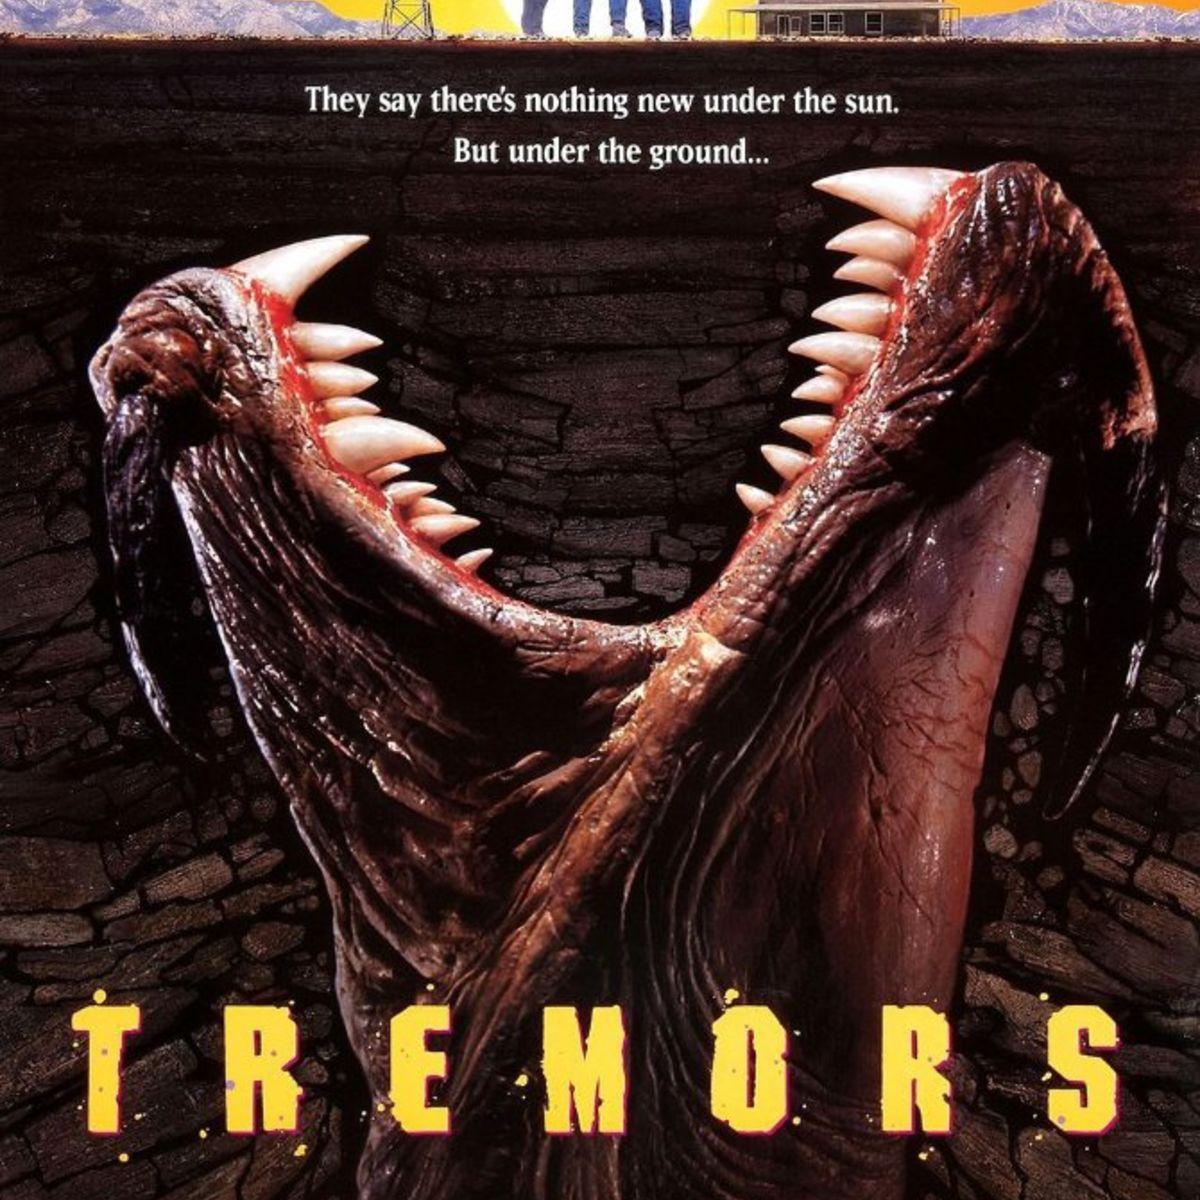 tremors-poster.jpg